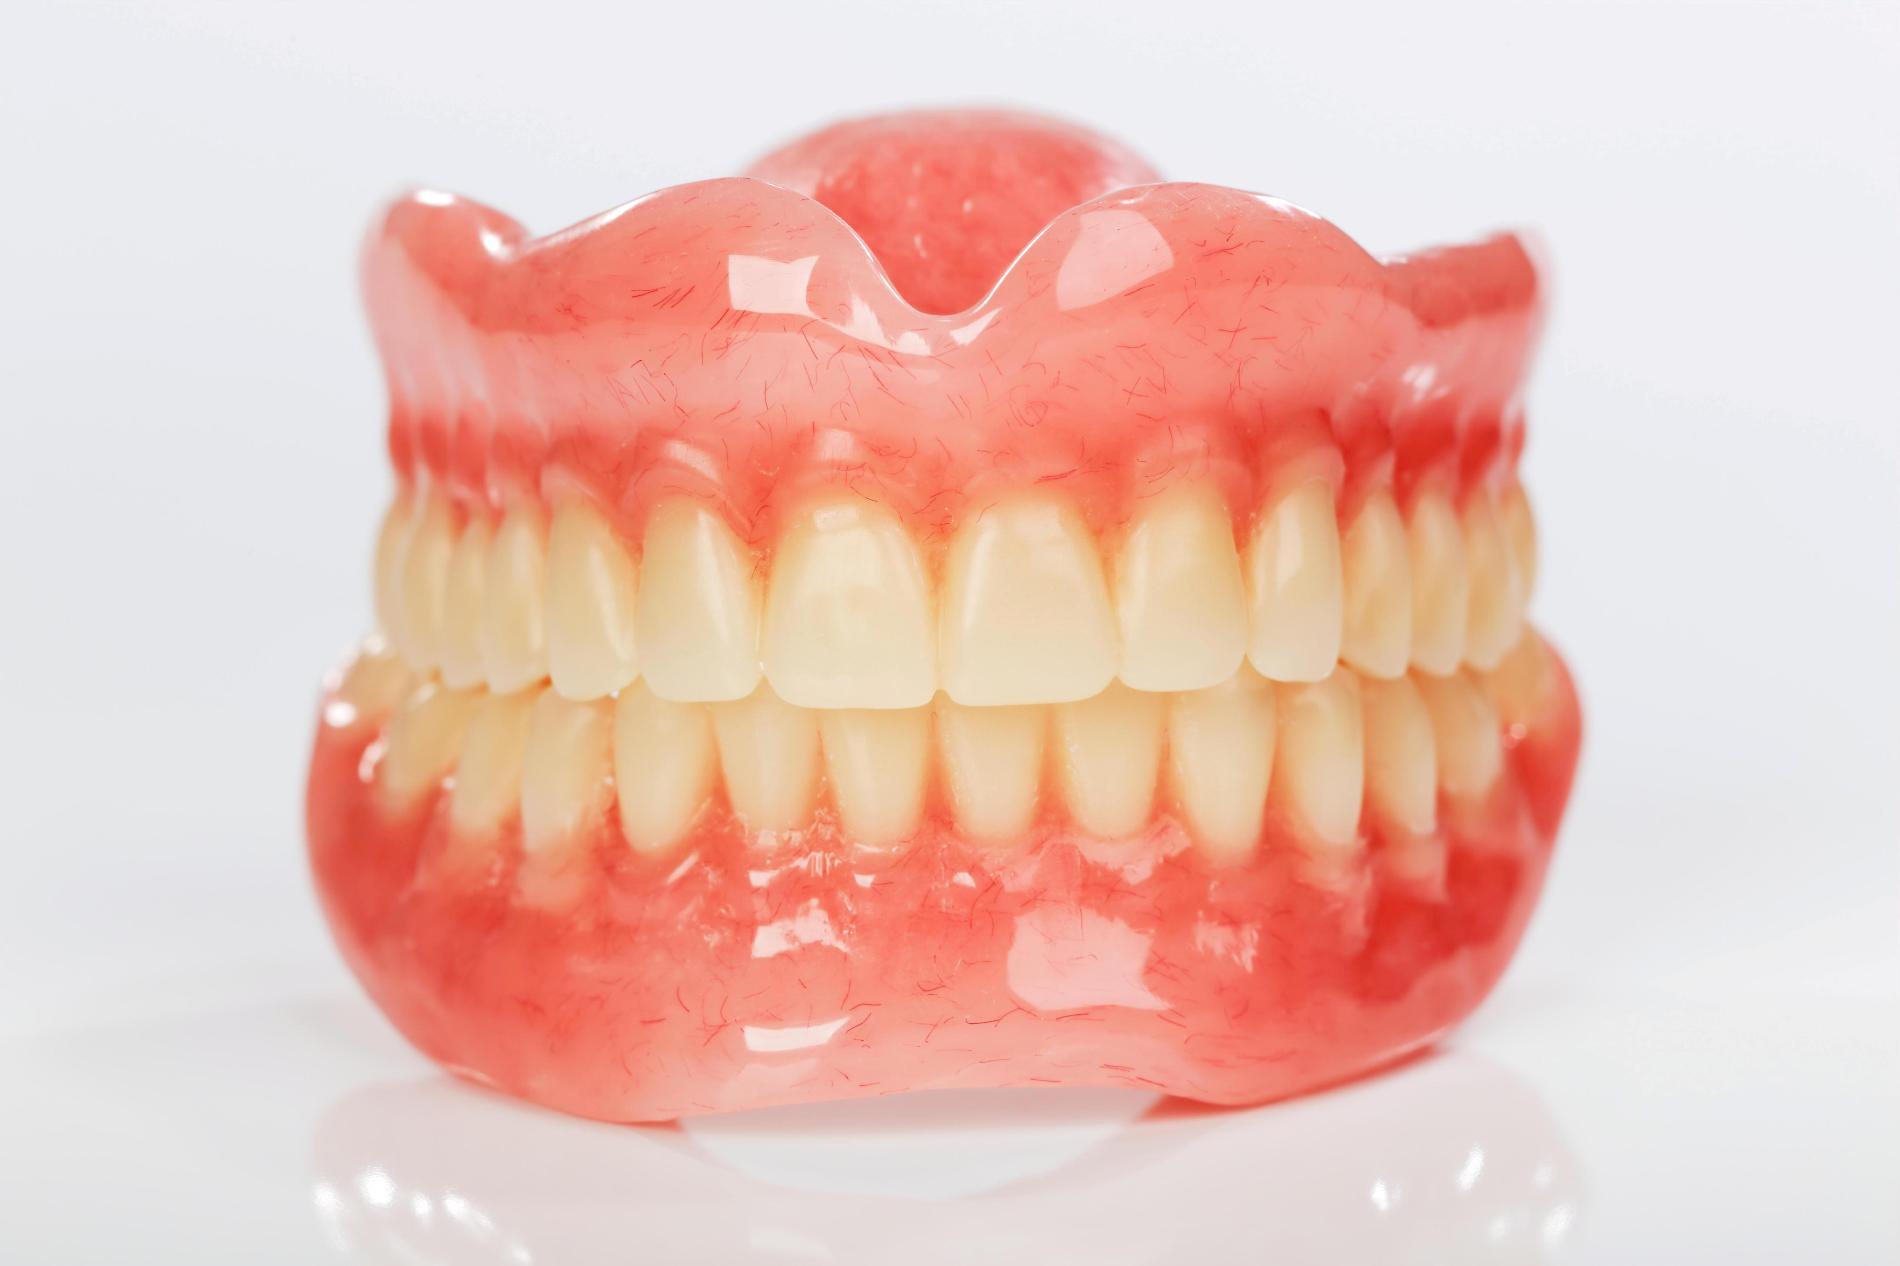 Protesis dentals a Sabadell